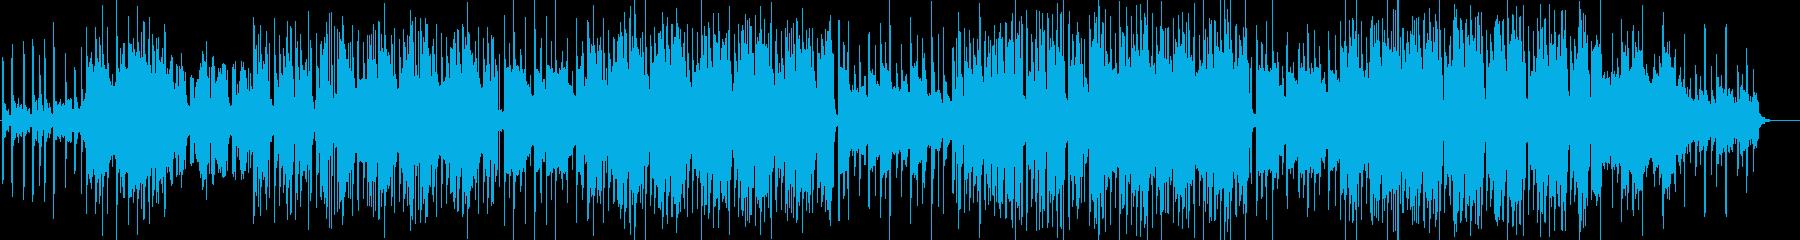 おしゃれなK-POPのトラックの再生済みの波形